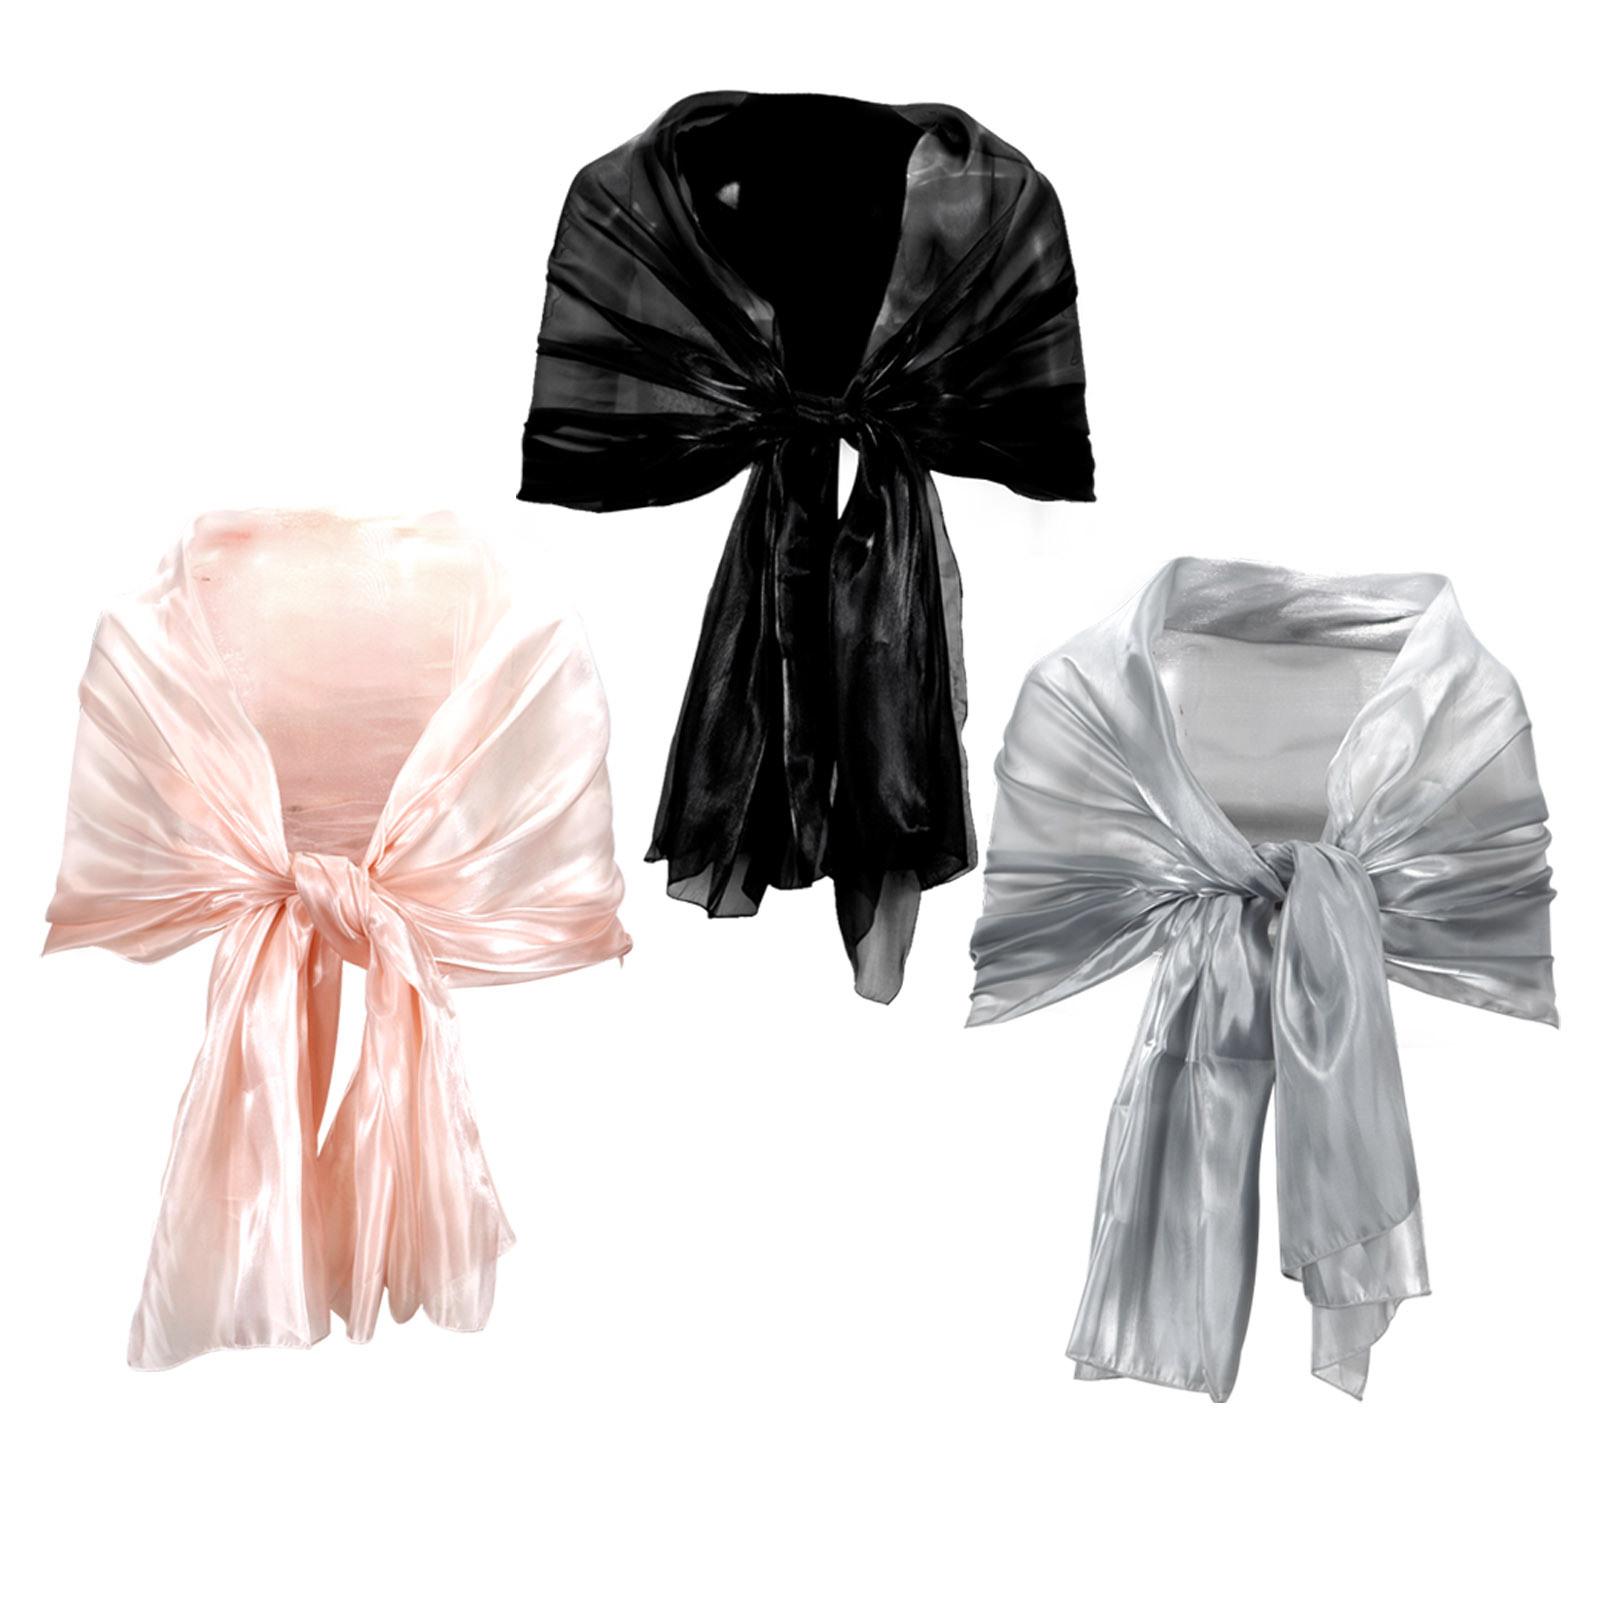 17 Fantastisch Chiffon Schal Für Abendkleid Spezialgebiet17 Leicht Chiffon Schal Für Abendkleid für 2019